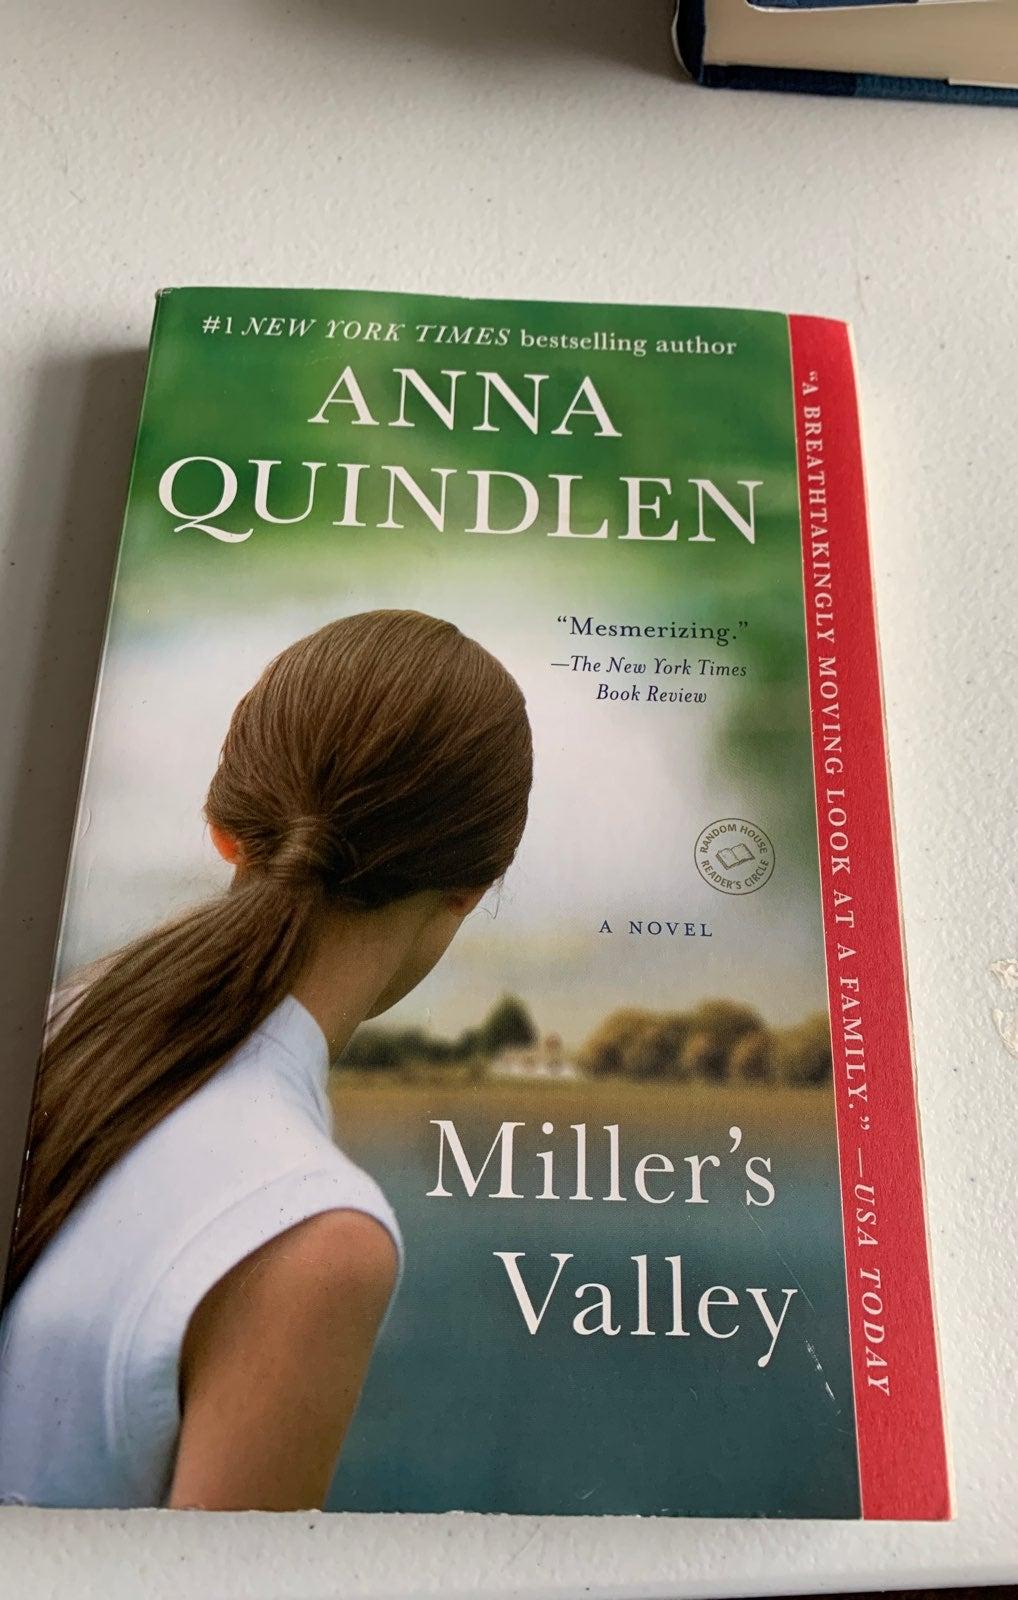 Miller's Valley by Anna Quinlen